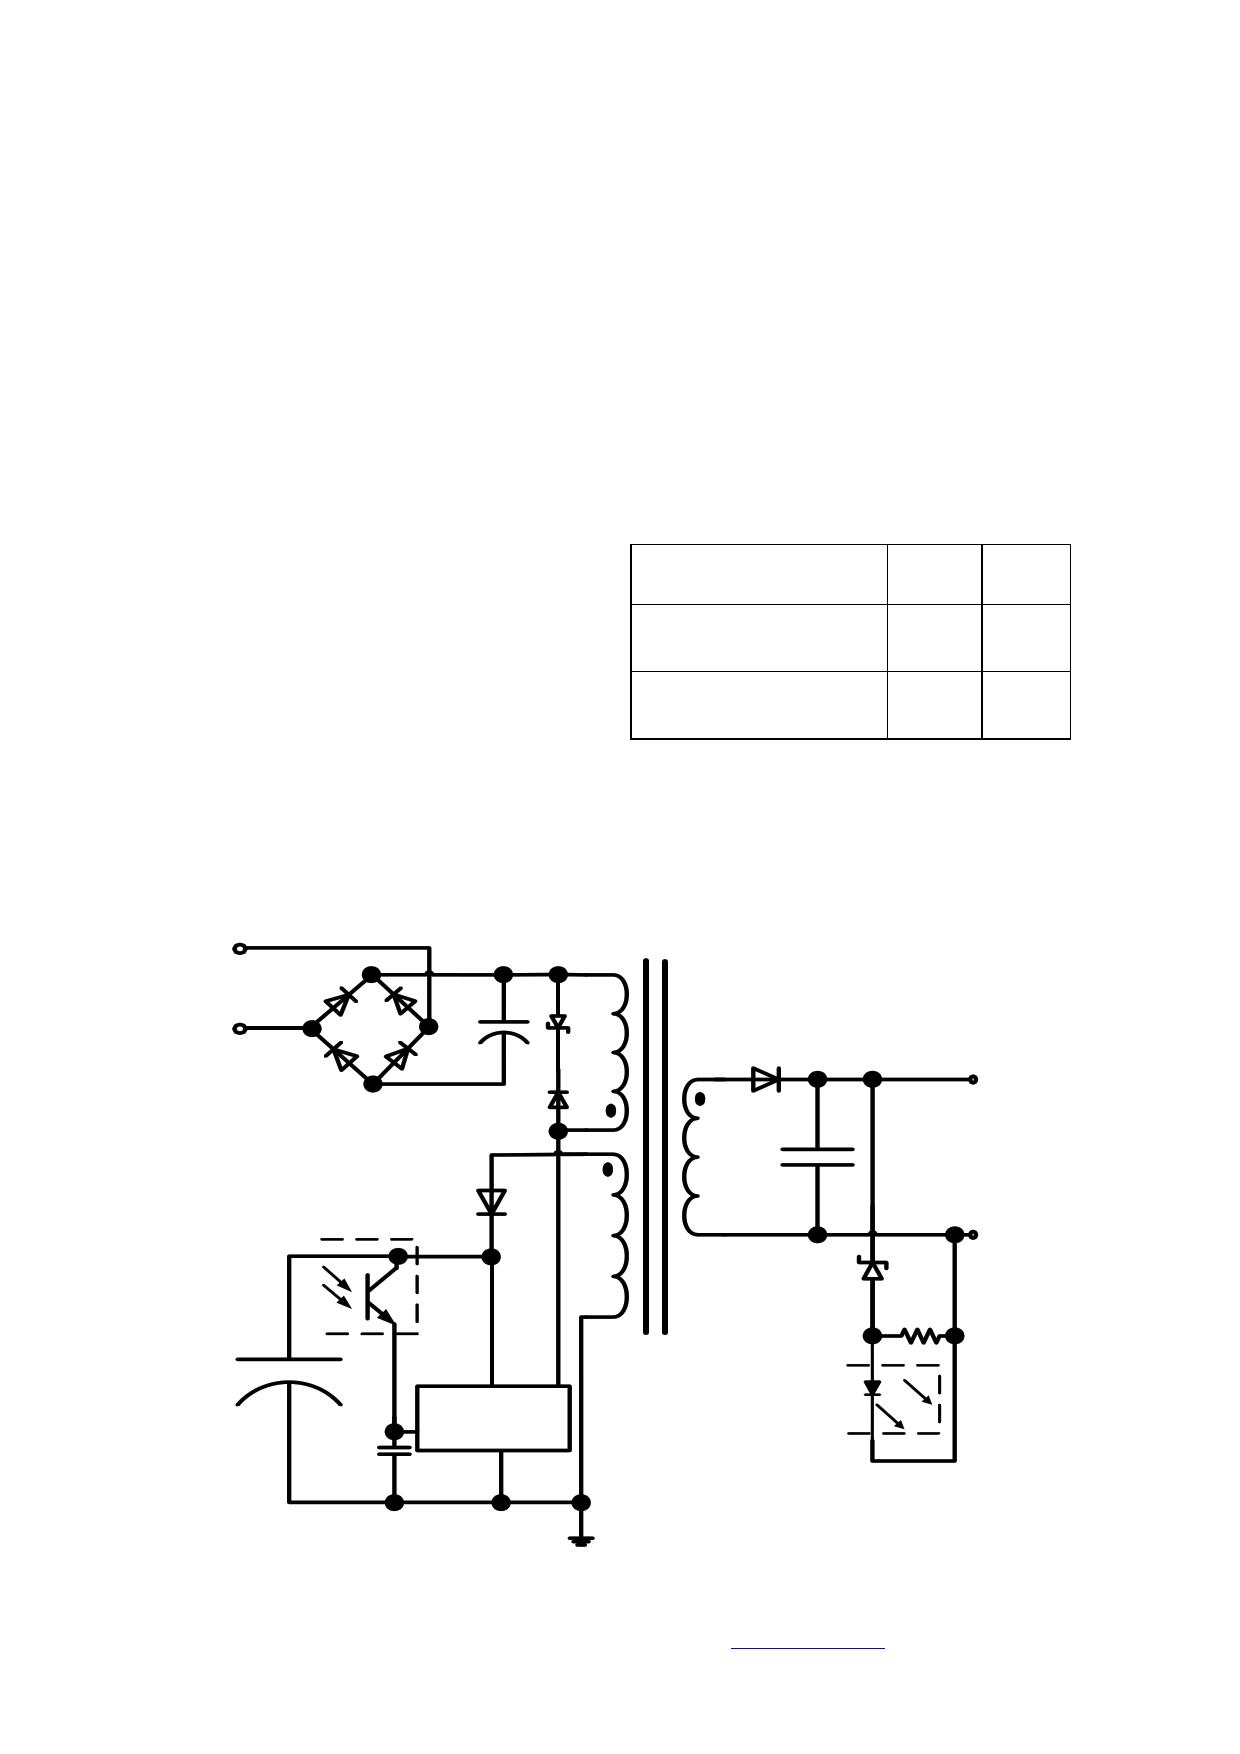 AP8012 image